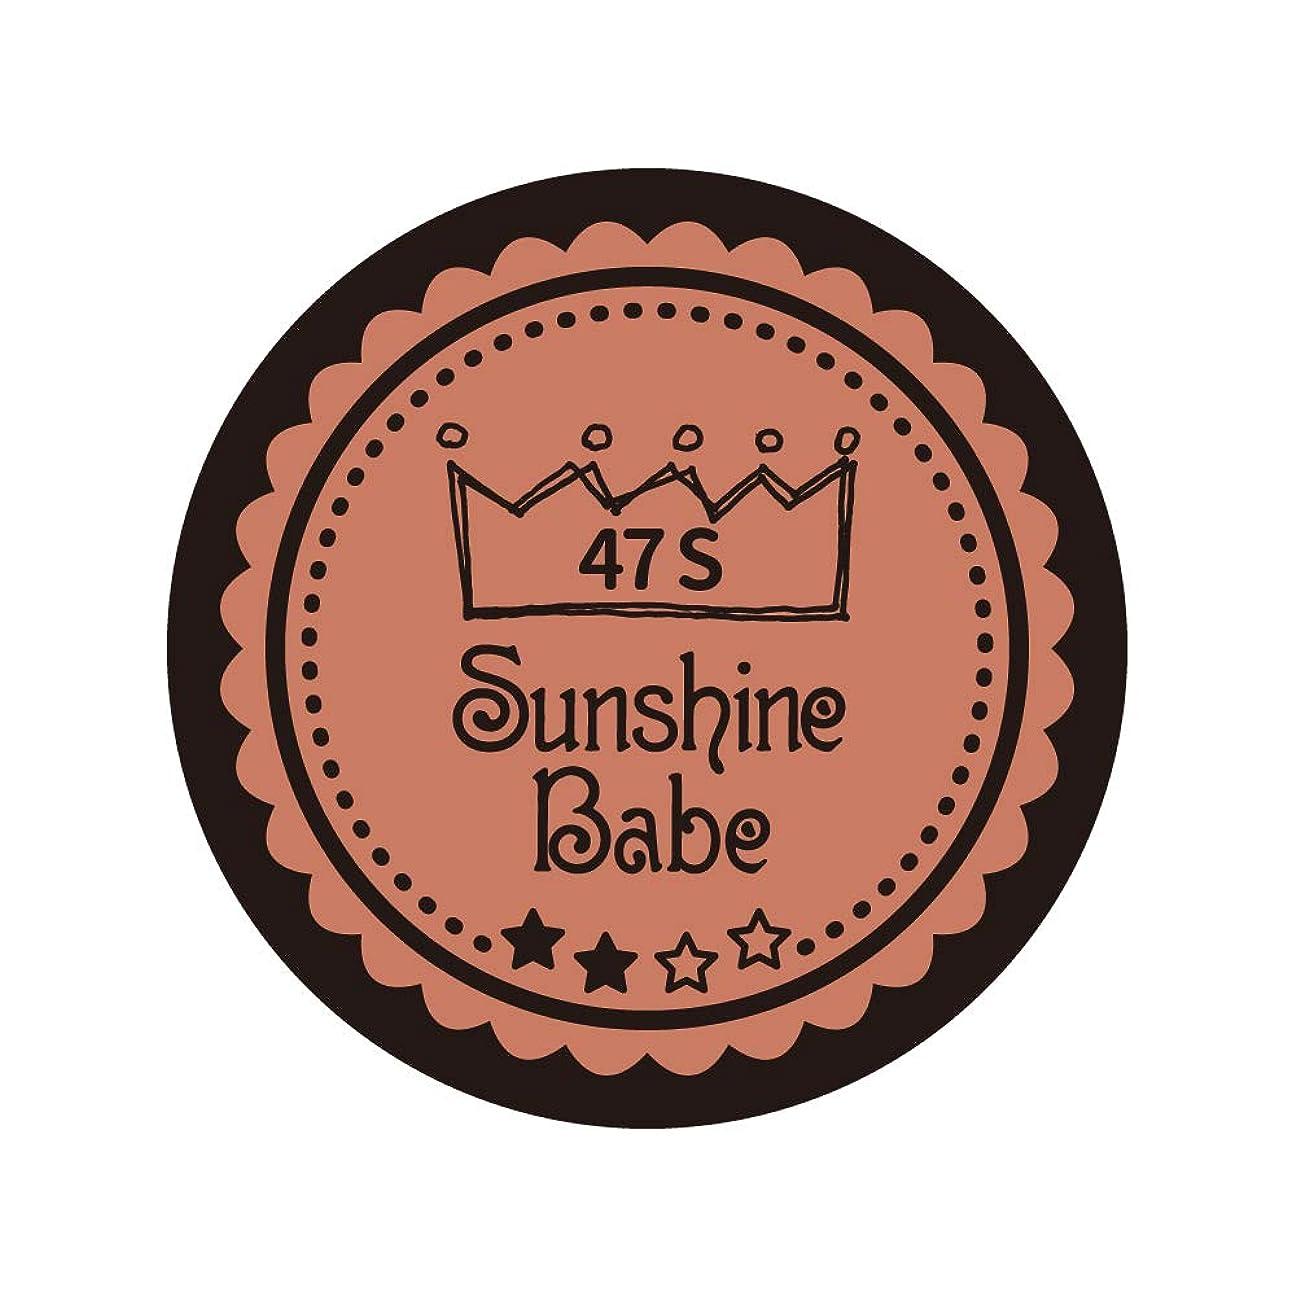 誇りに思うダース必要Sunshine Babe カラージェル 47S ピーチブラウン 4g UV/LED対応